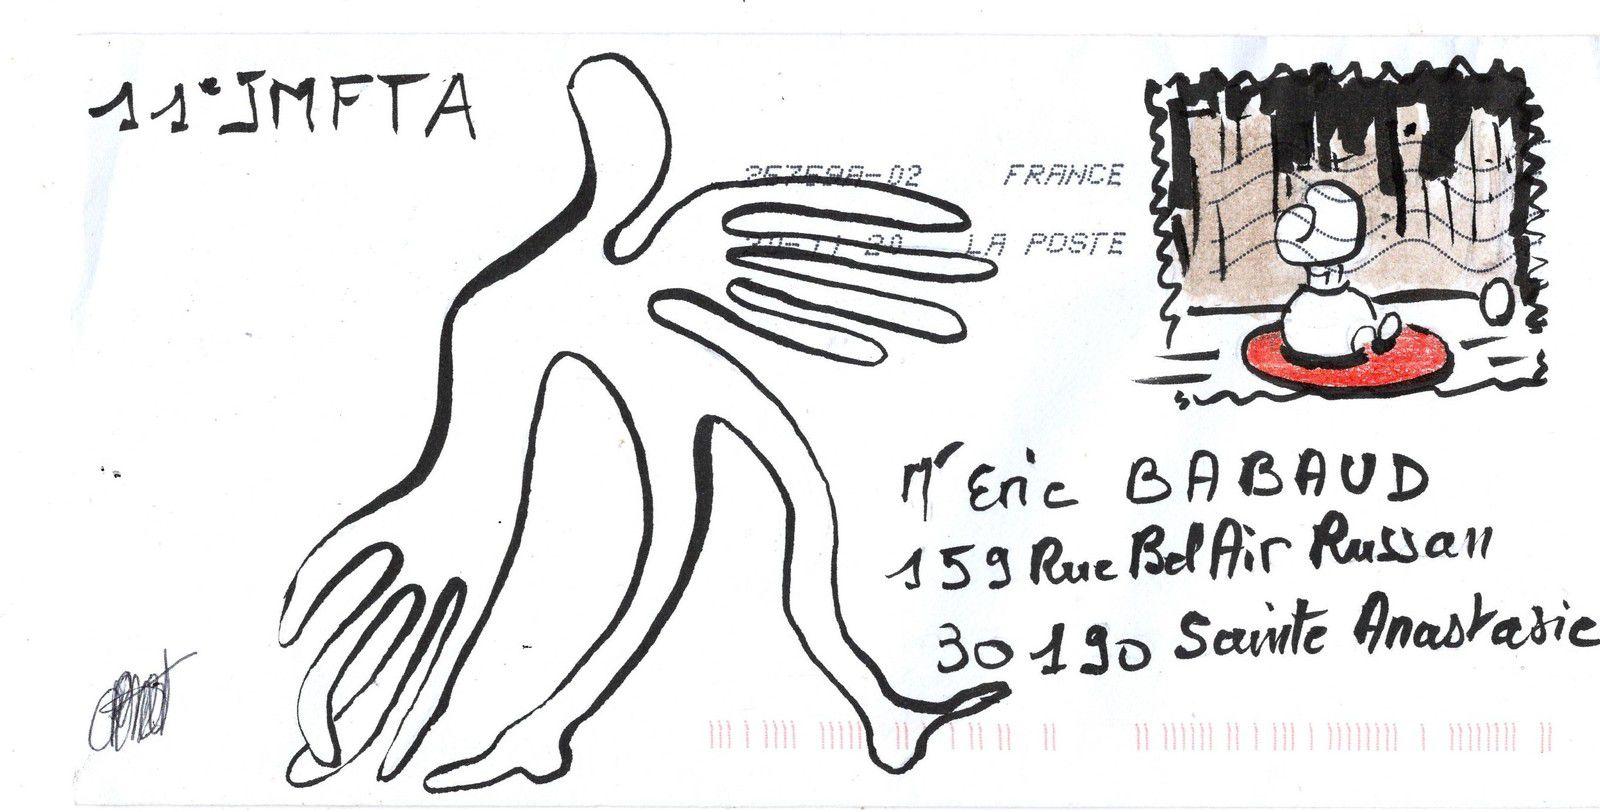 Et toujours des courriers de la JMFTA !